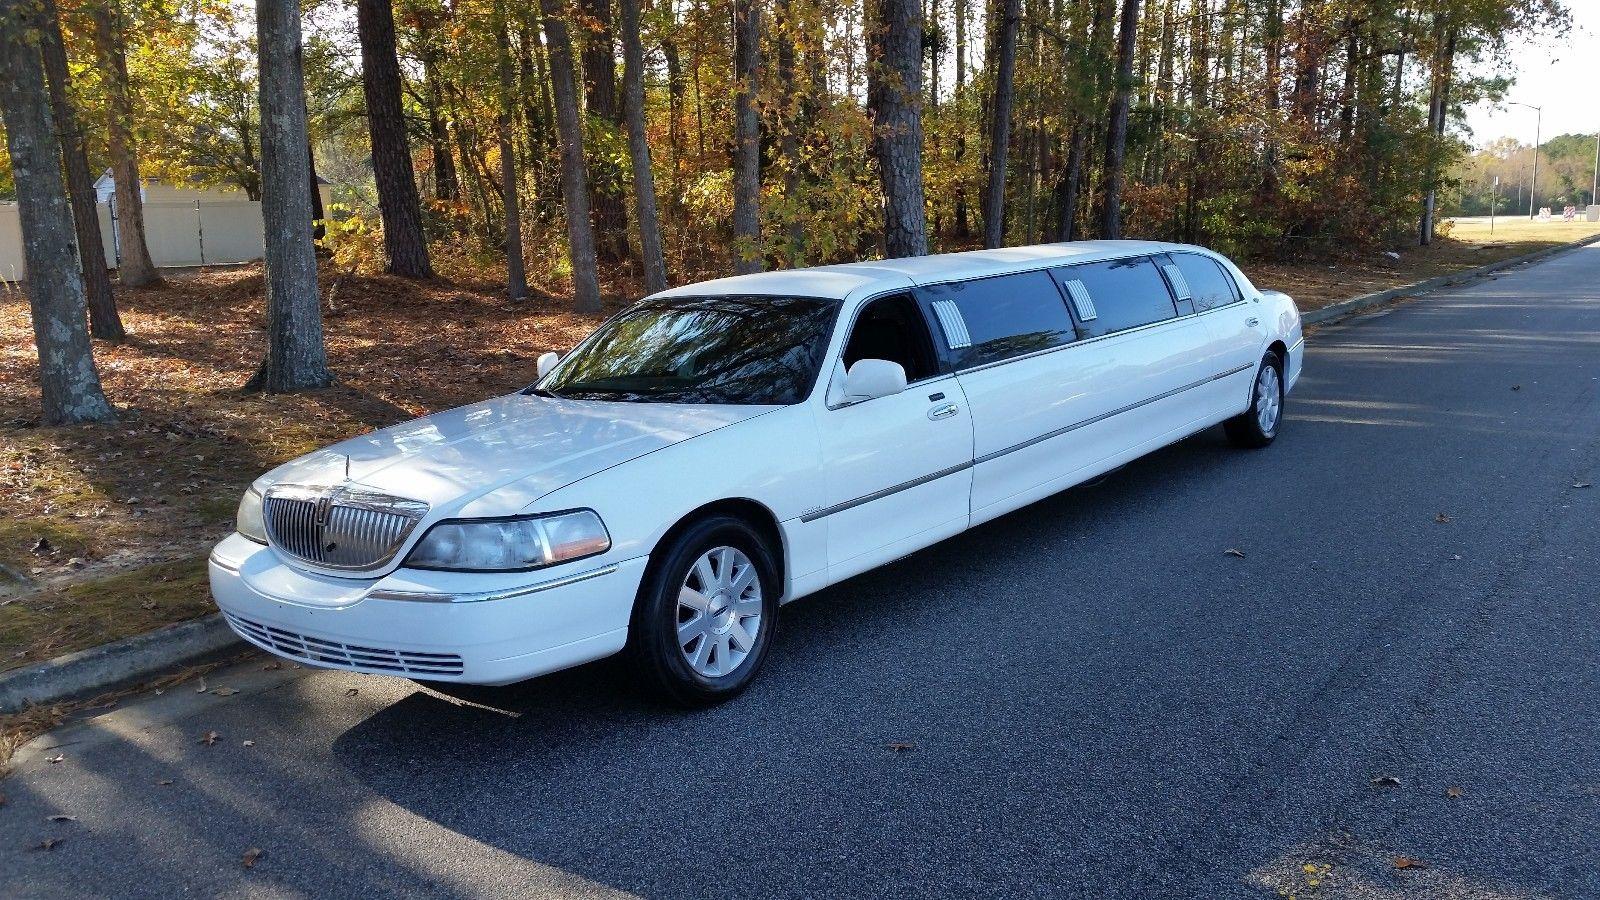 led lights 2003 lincoln town car limousine for sale. Black Bedroom Furniture Sets. Home Design Ideas